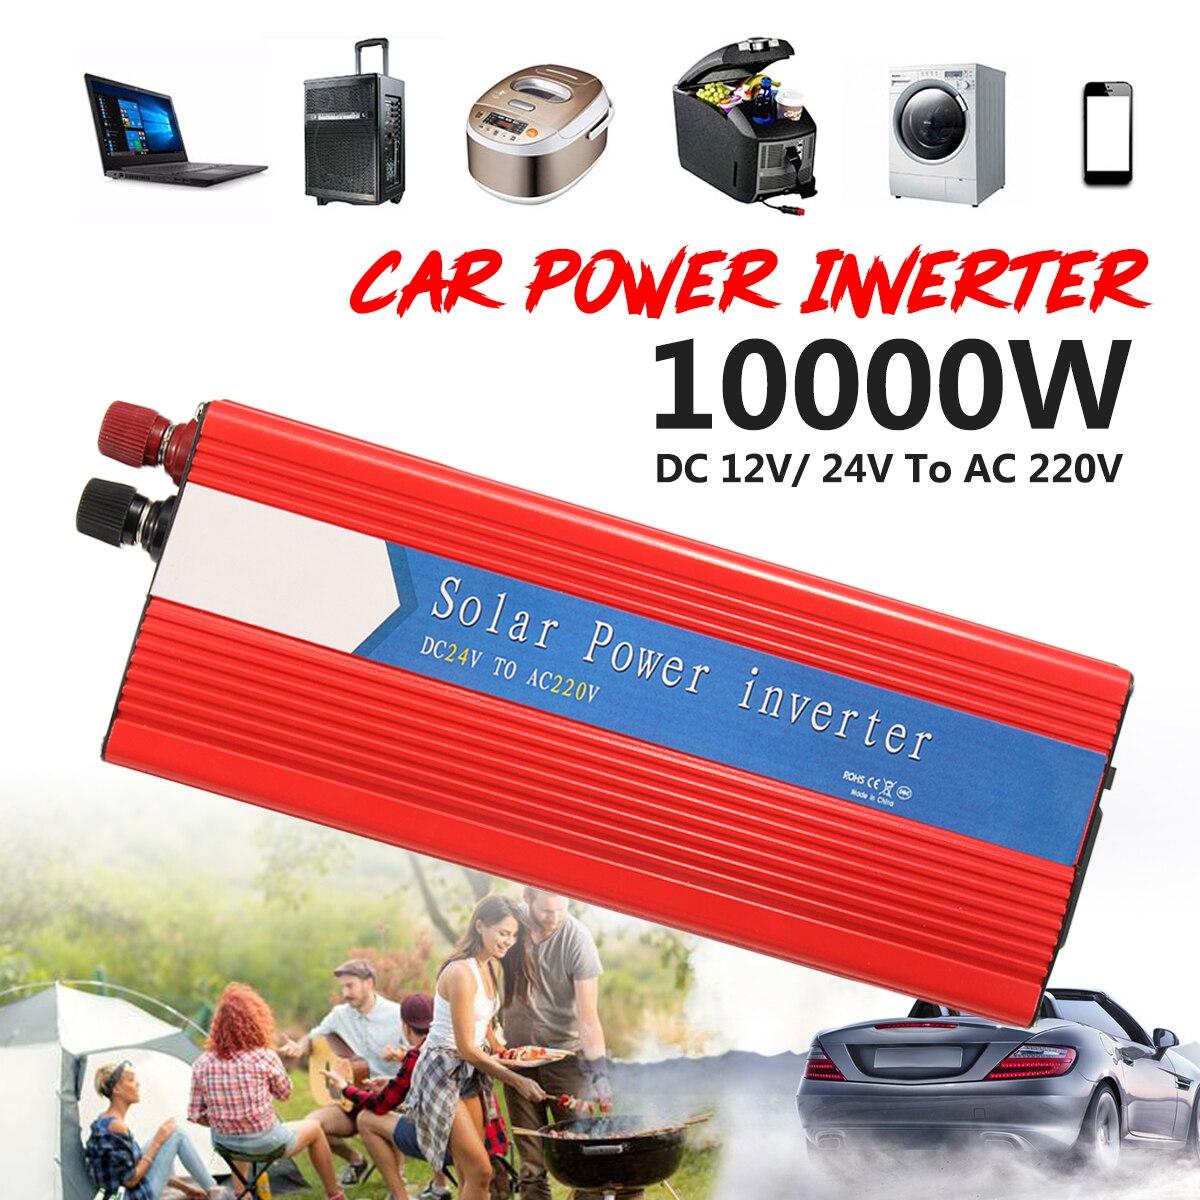 Напряжение трансформатор пик 10000 Вт автомобиля Мощность инвертор 12/24 В к AC 220/110 В USB Модифицированная синусоида Красный Универсальный Интелл...